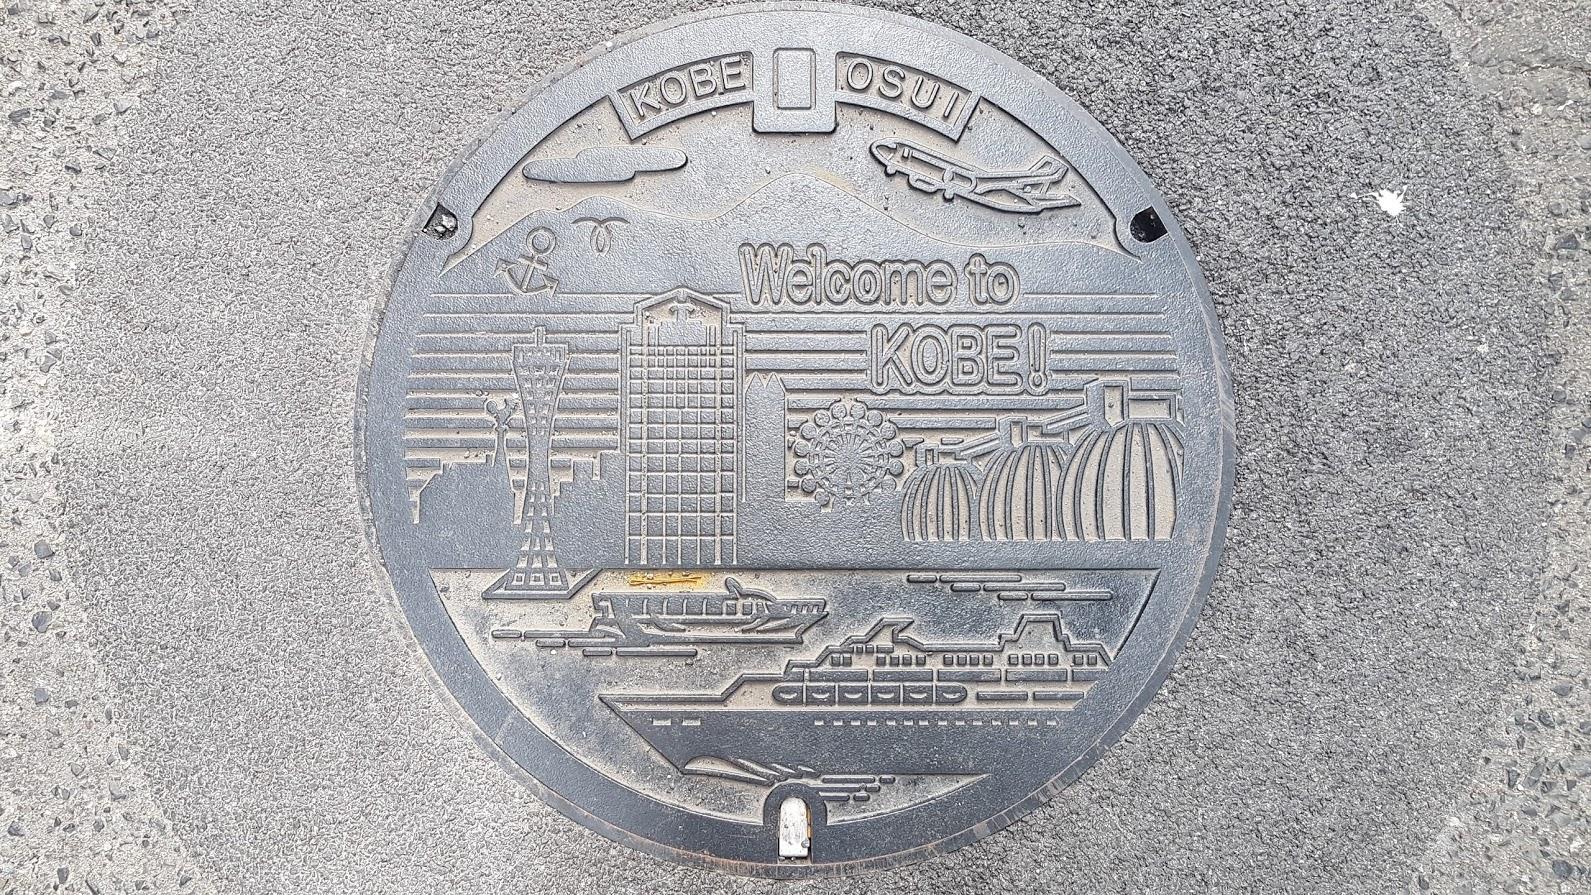 20170427 150333 - Listy z podróży – w Kobe na kobe